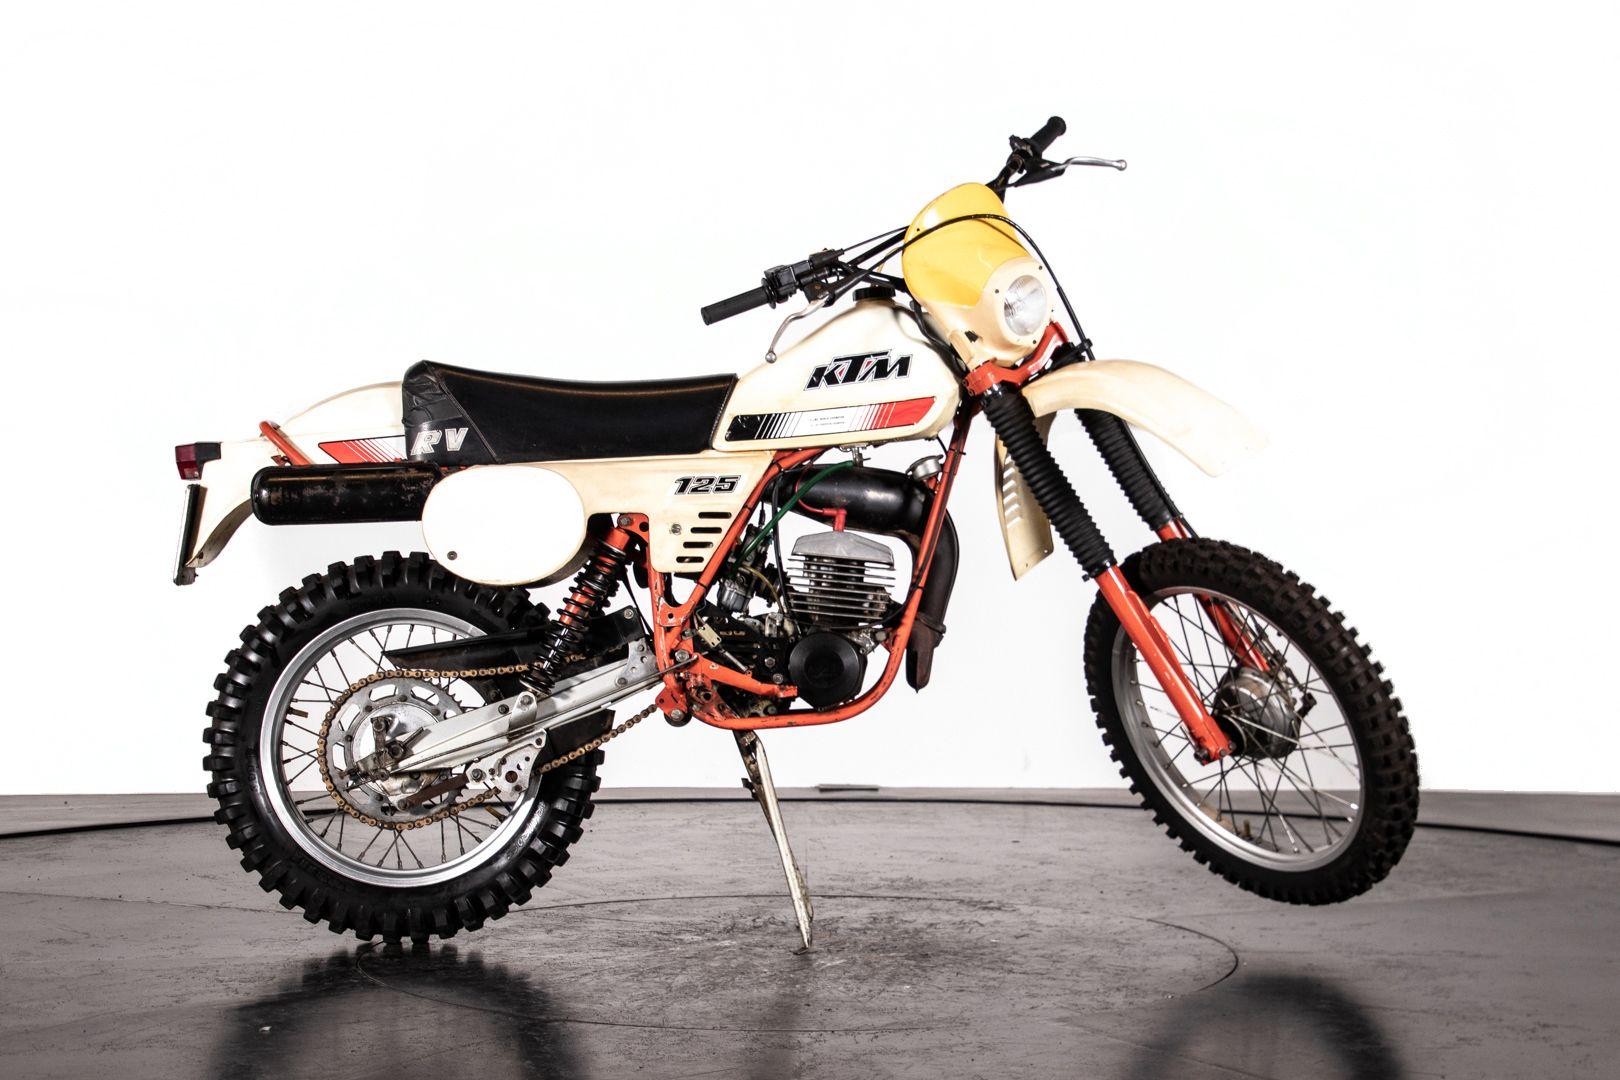 1980 KTM 125 RV 48139